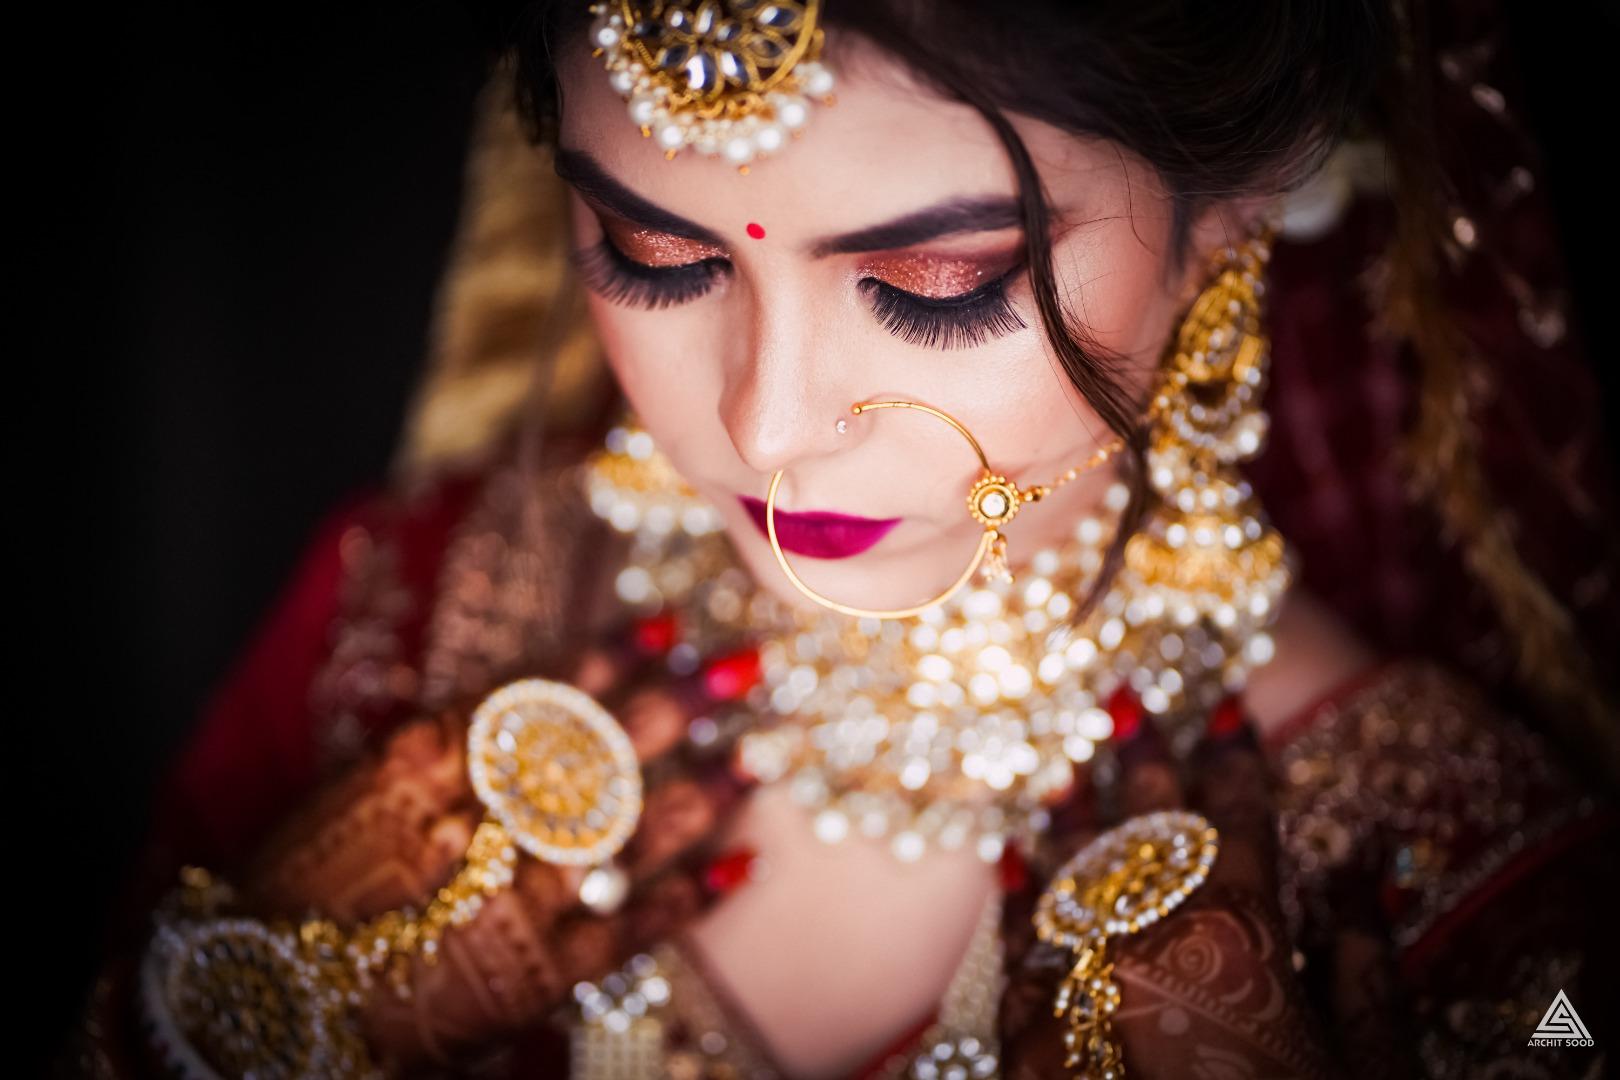 stunning metallic eye makeup